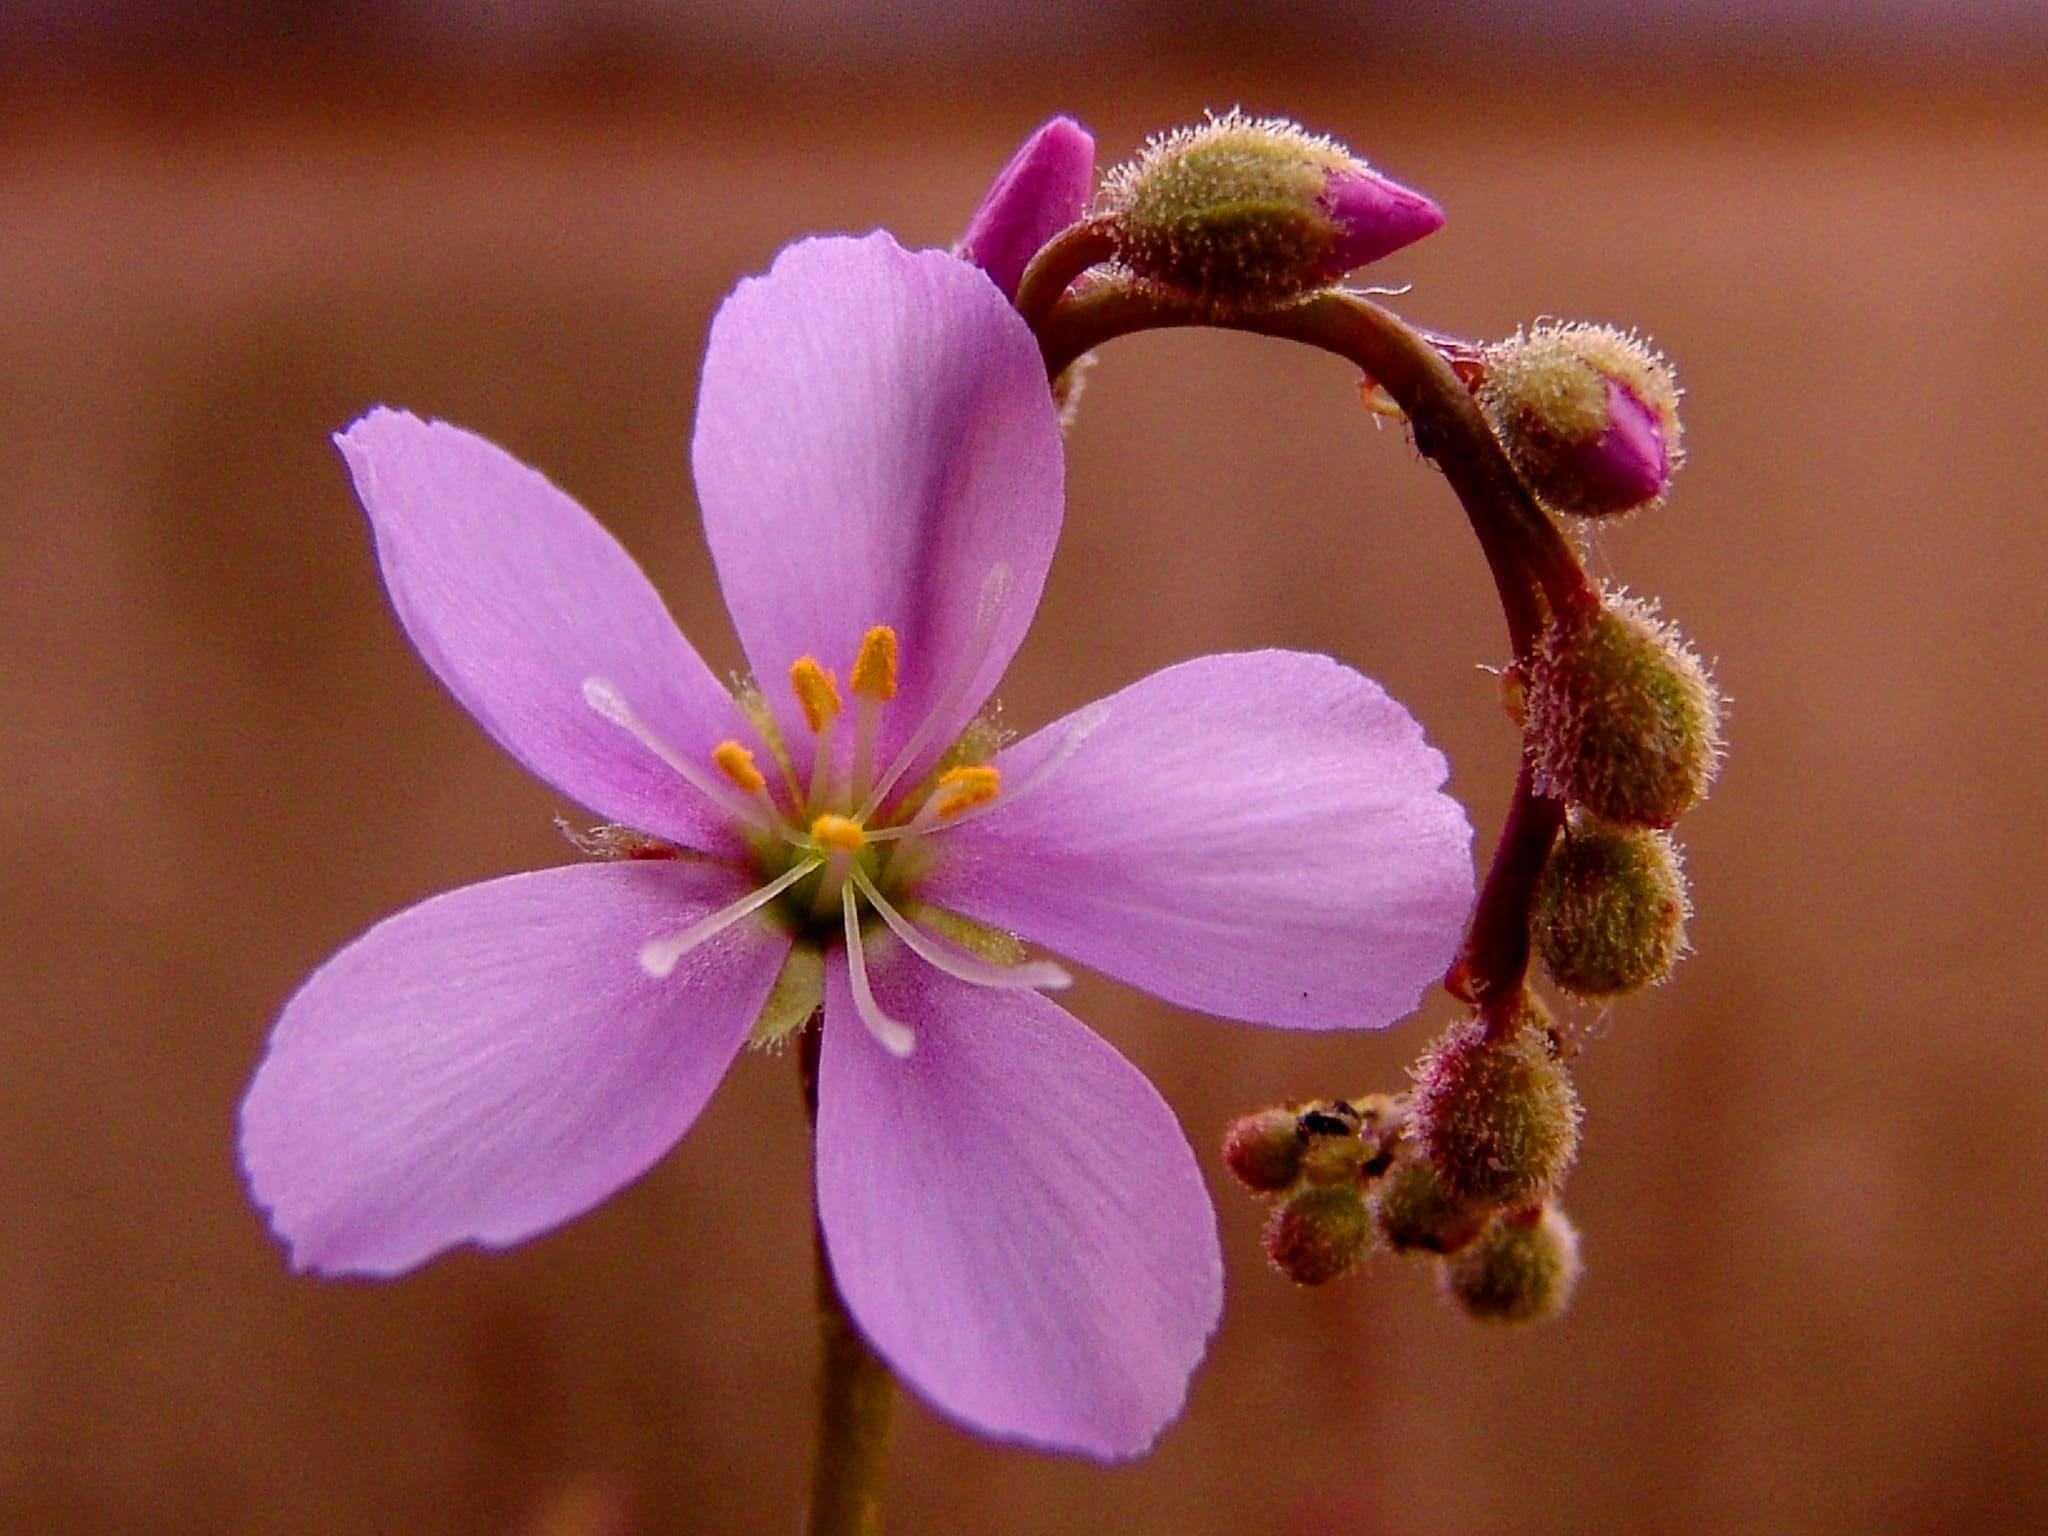 Las Droseras tienen estípites florales